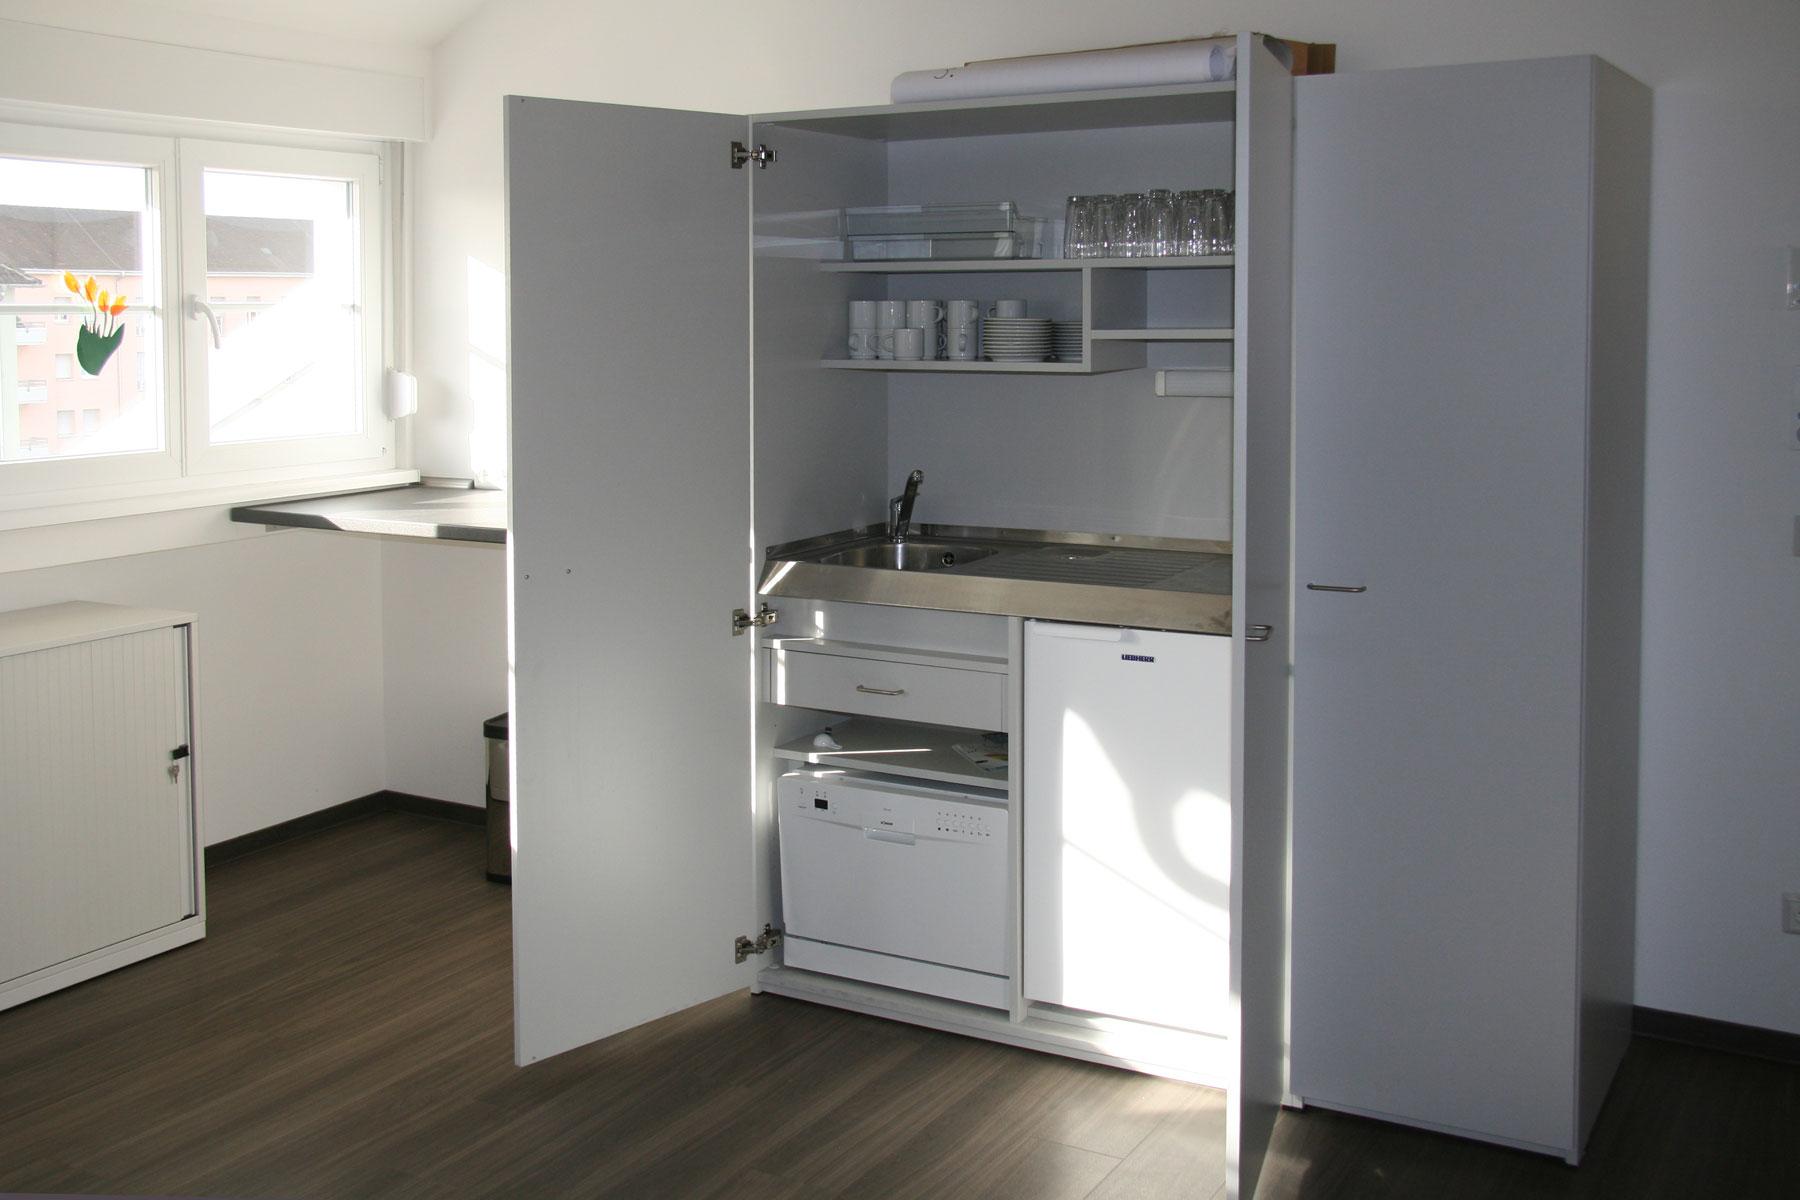 Full Size of Schrankküche Küche Ikea Kosten Betten Bei 160x200 Miniküche Modulküche Kaufen Sofa Mit Schlaffunktion Wohnzimmer Schrankküche Ikea Värde